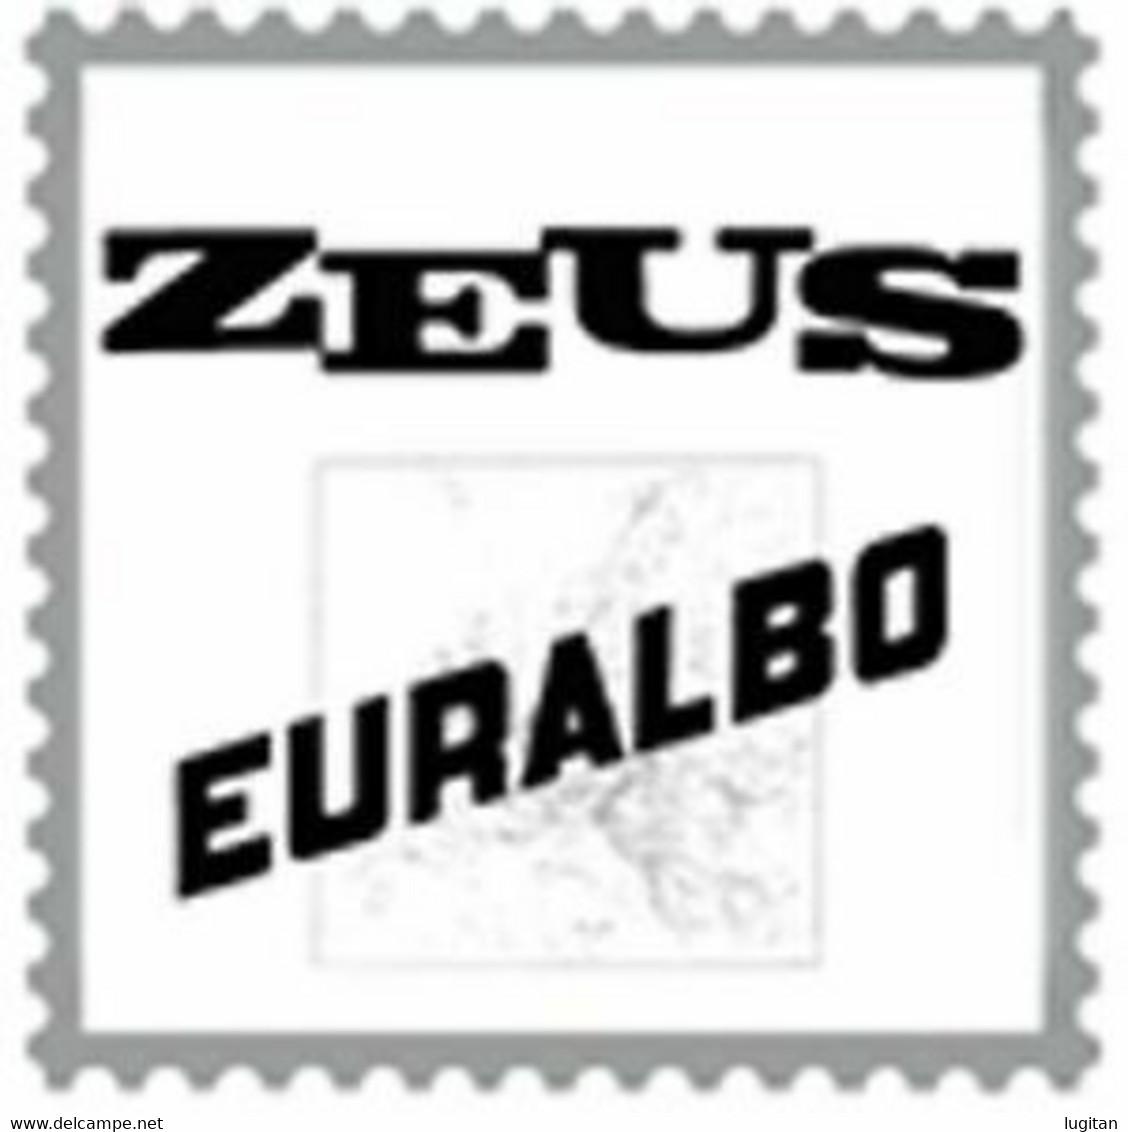 AGGIORNAMENTI - EURALBO ZEUS - ITALIA ANNO 2014 - SOLO EMISSIONI CONGIUNTE - NUOVI D'OCCASIONE - Stamp Boxes